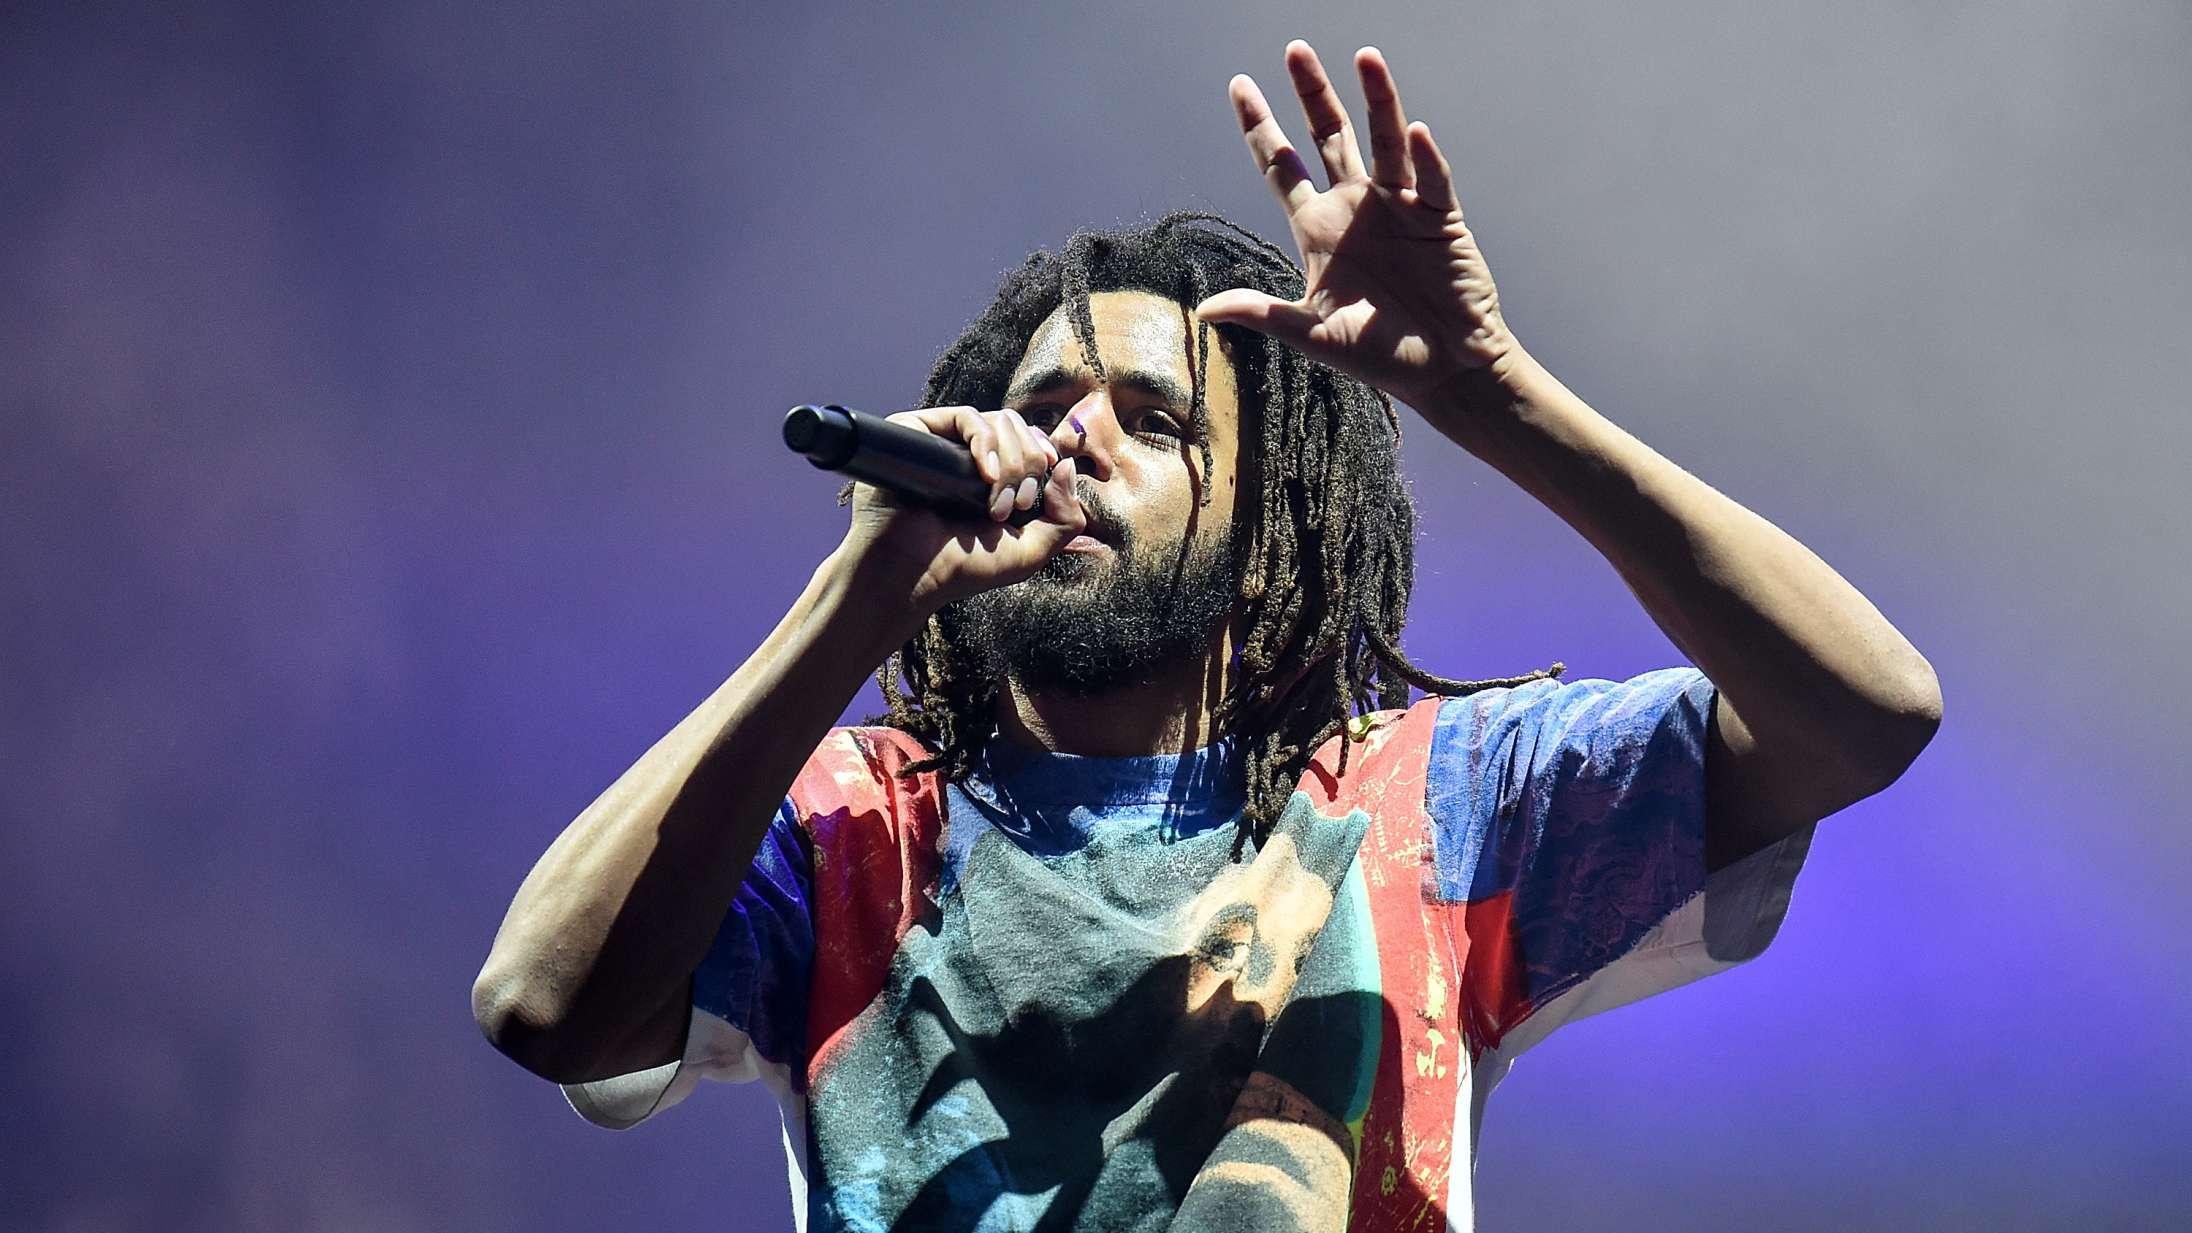 Optakt til nyt album: J. Cole udgiver dokumentar om 'The Off-Season' i aften